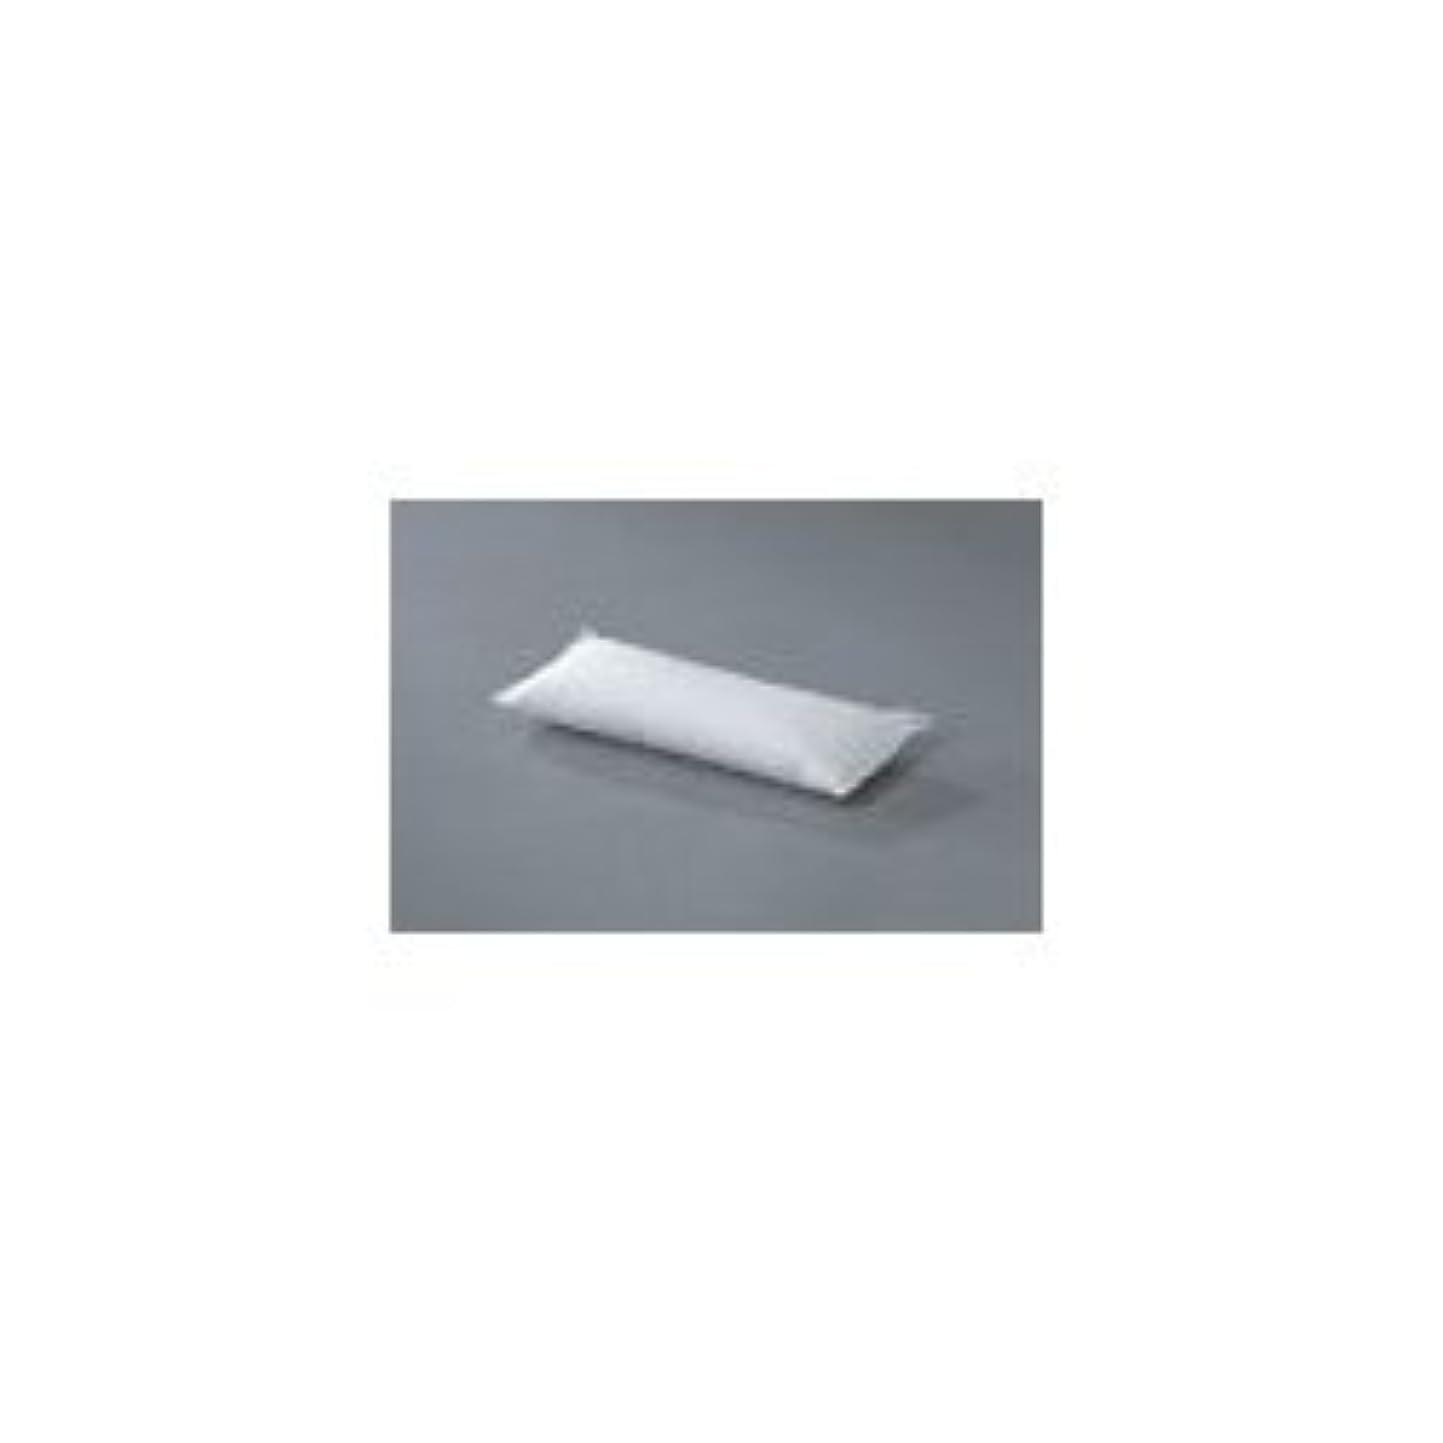 離す判読できない不調和ジャノメ 24時間風呂 クリーンバスユニット専用電解促進剤 CLパック 7袋 (クリーンパック)